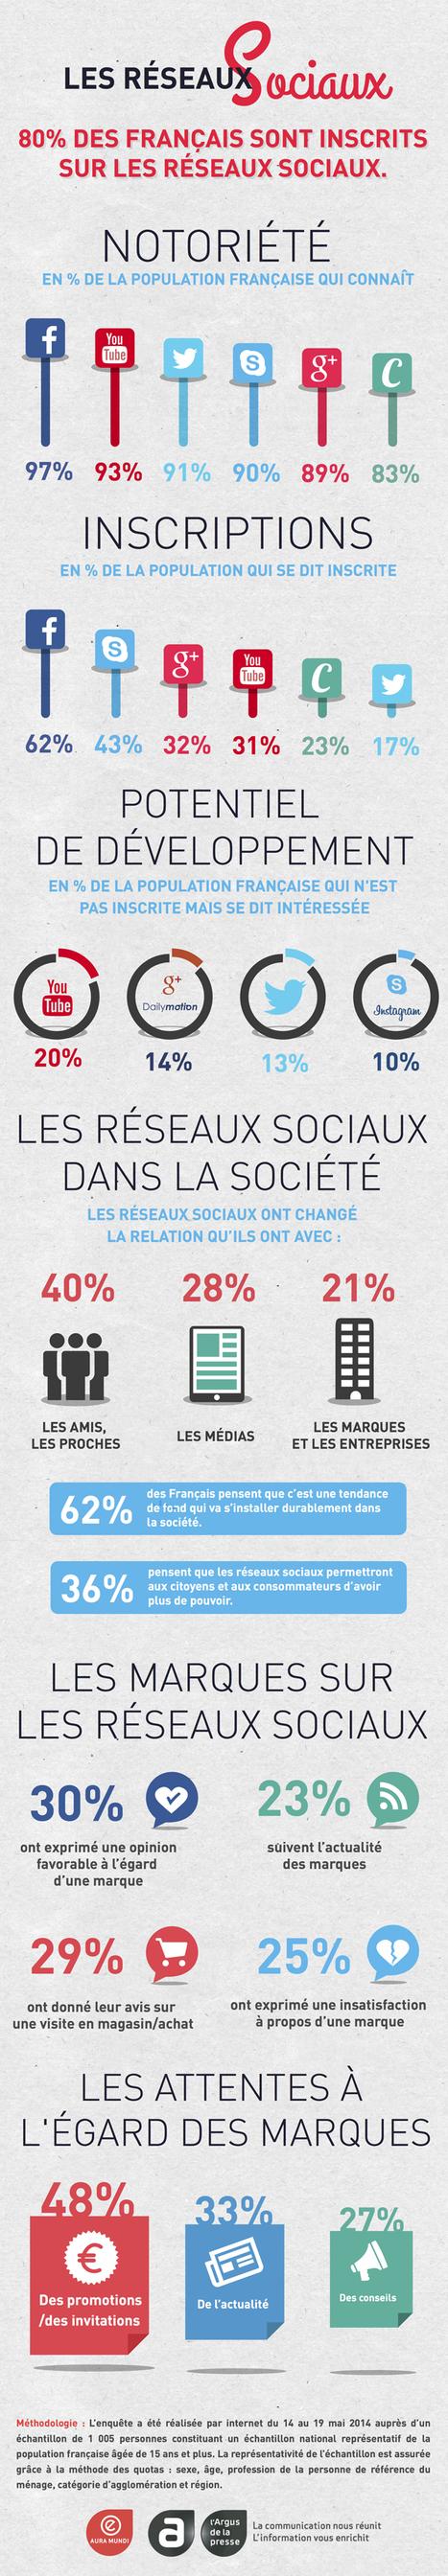 Les Réseaux Sociaux en France. Toutes les statistiques | Actus Marketing & Communication pour l'immobilier | Scoop.it